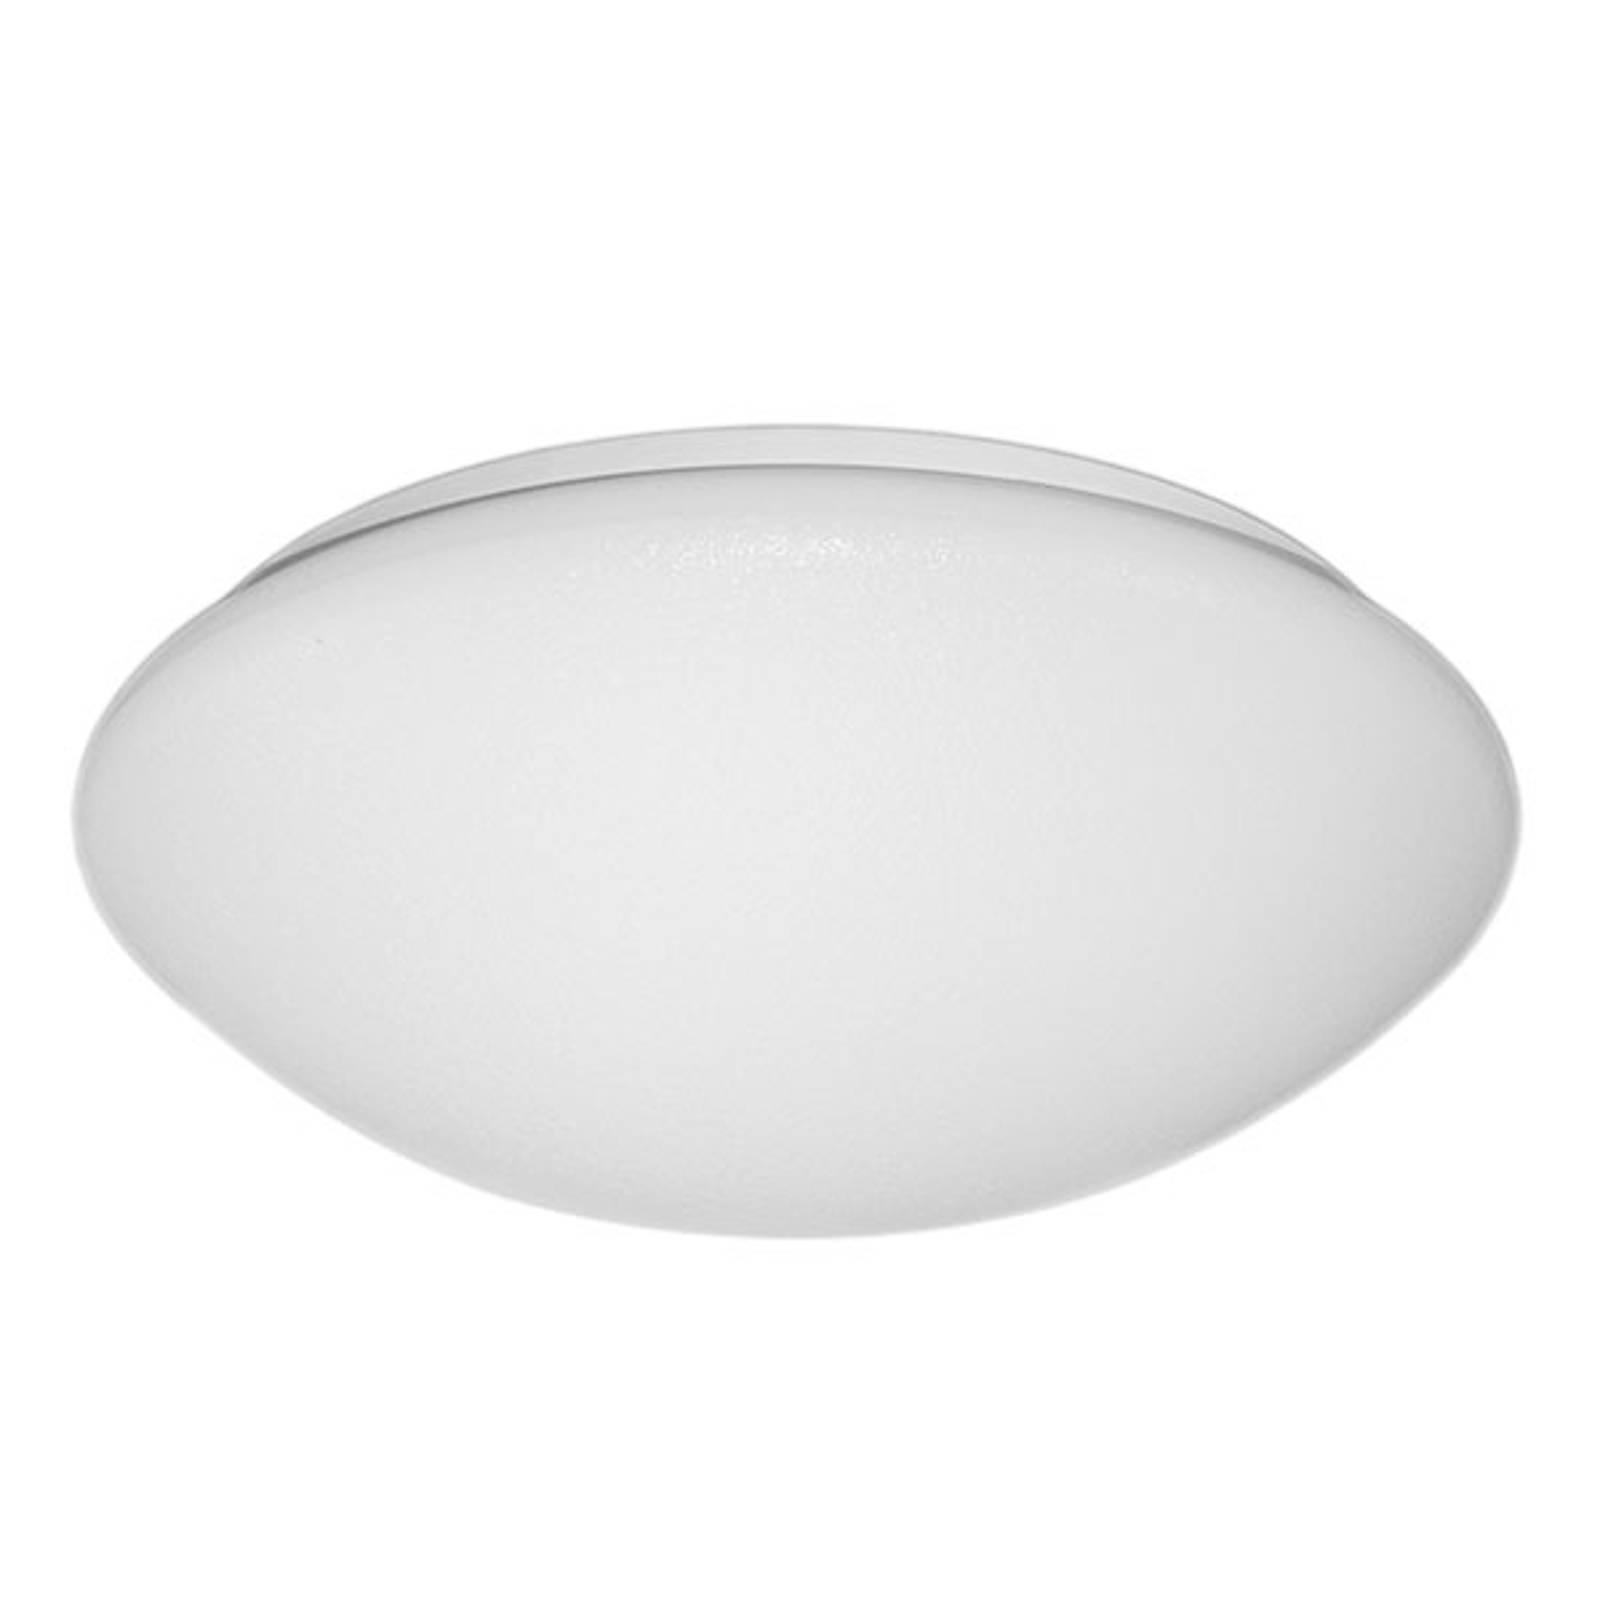 Duża lampa sufitowa LED, odporna, 35W, 3000 K